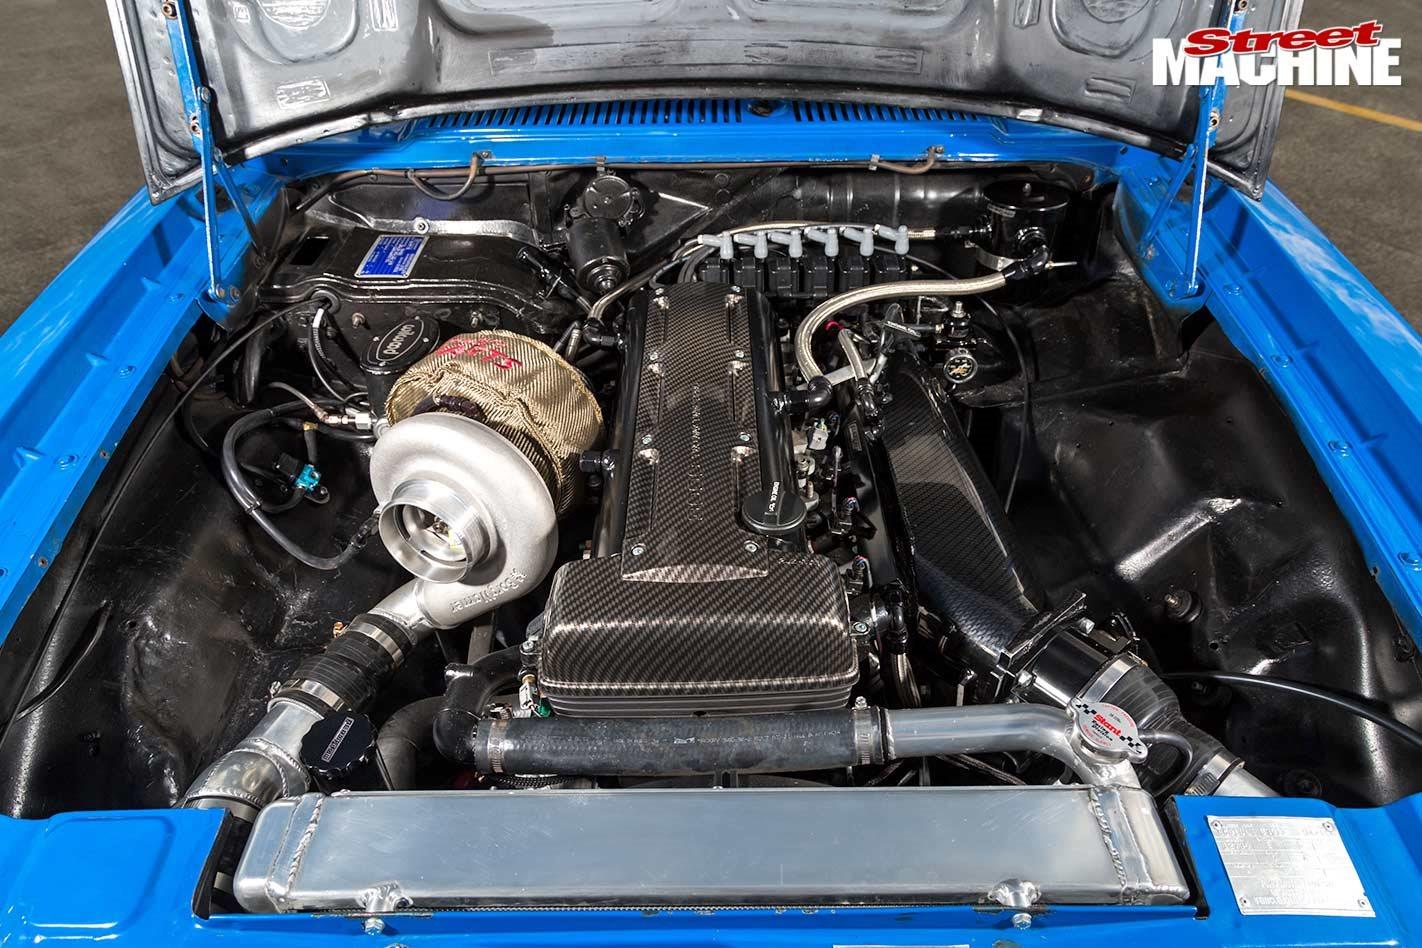 Turbo 2JZ-powered 1978 Ford Cortina TE Ghia